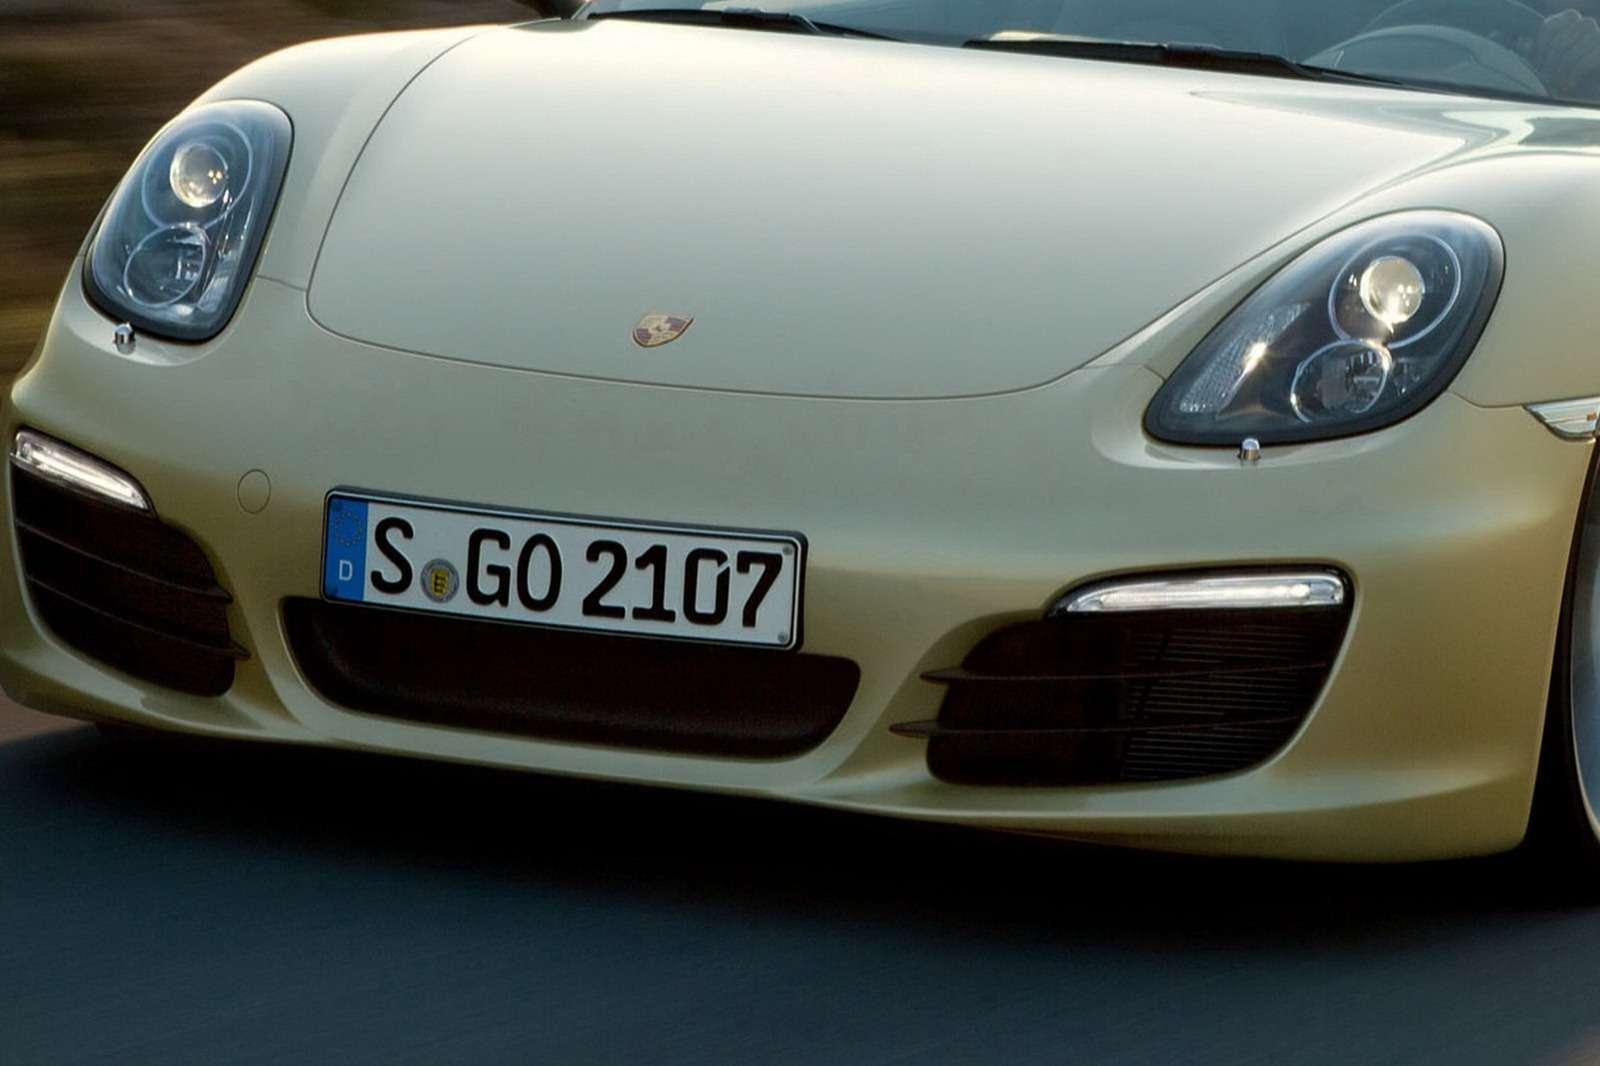 Porsche Boxster 2013 fot lifting styczen 2012